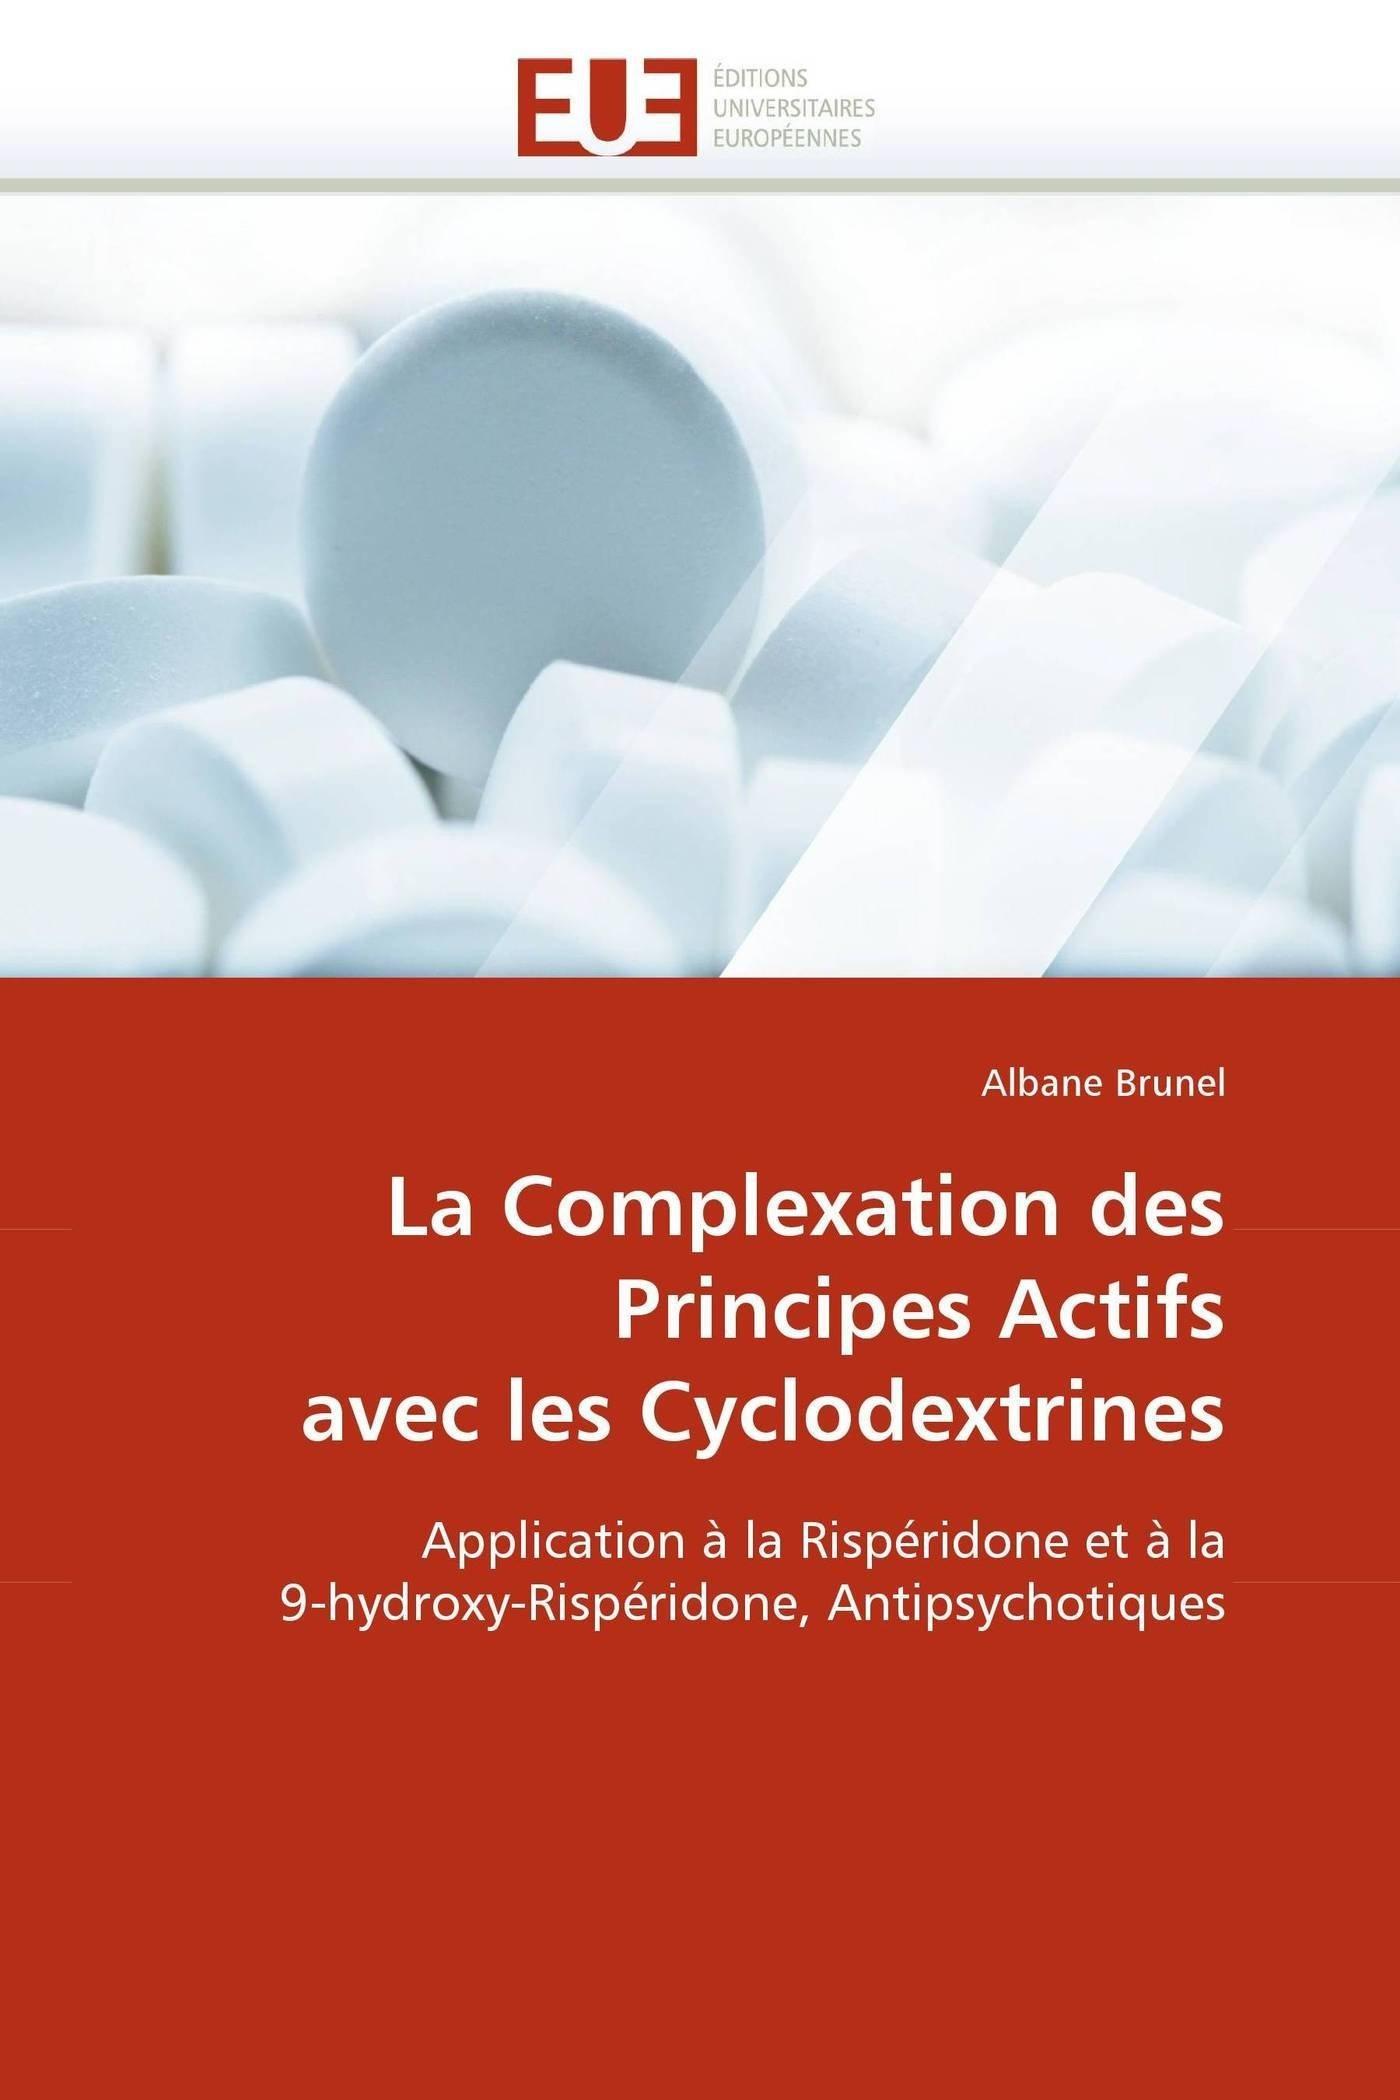 La Complexation des Principes Actifs avec les Cyclodextrines: Application à la Rispéridone et à la 9-hydroxy-Rispéridone, Antipsychotiques (Omn.Univ.Europ.) (French Edition) pdf epub